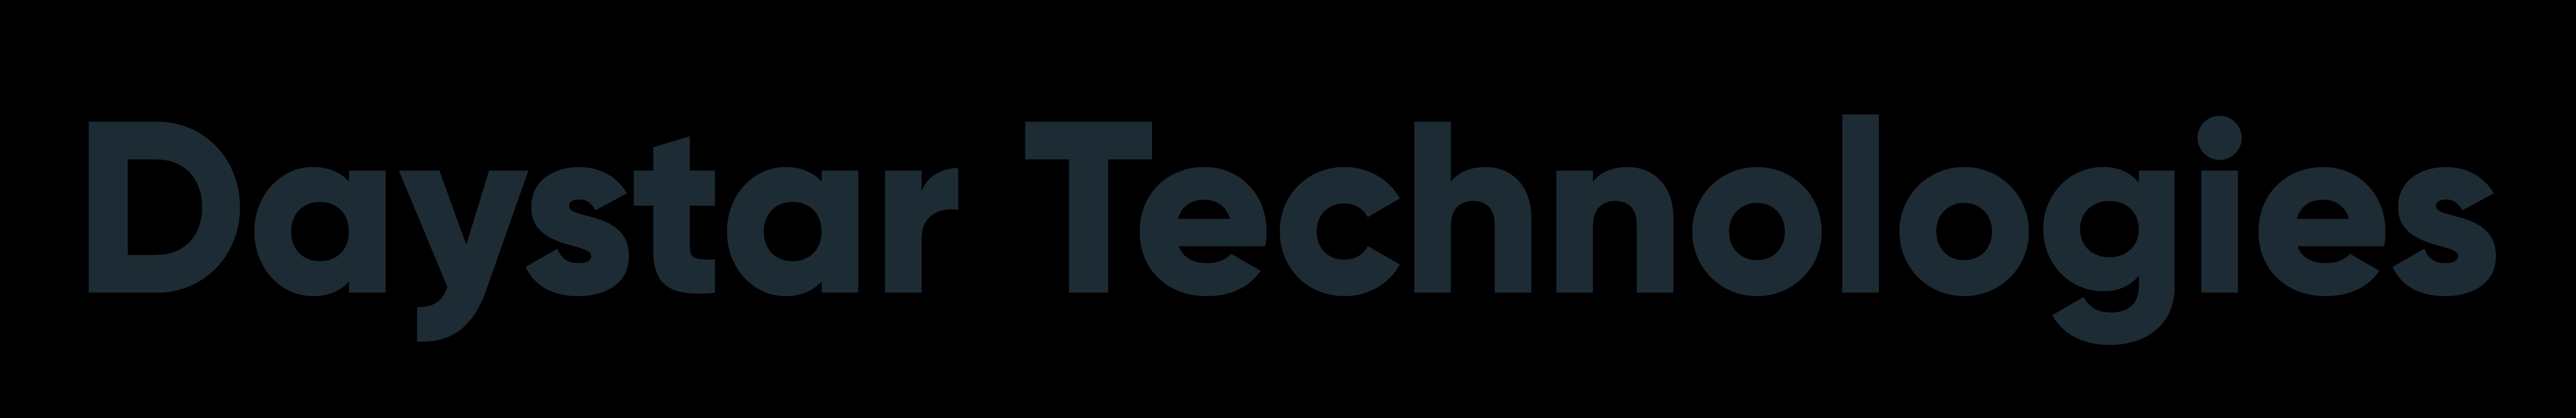 Daystar Technologies